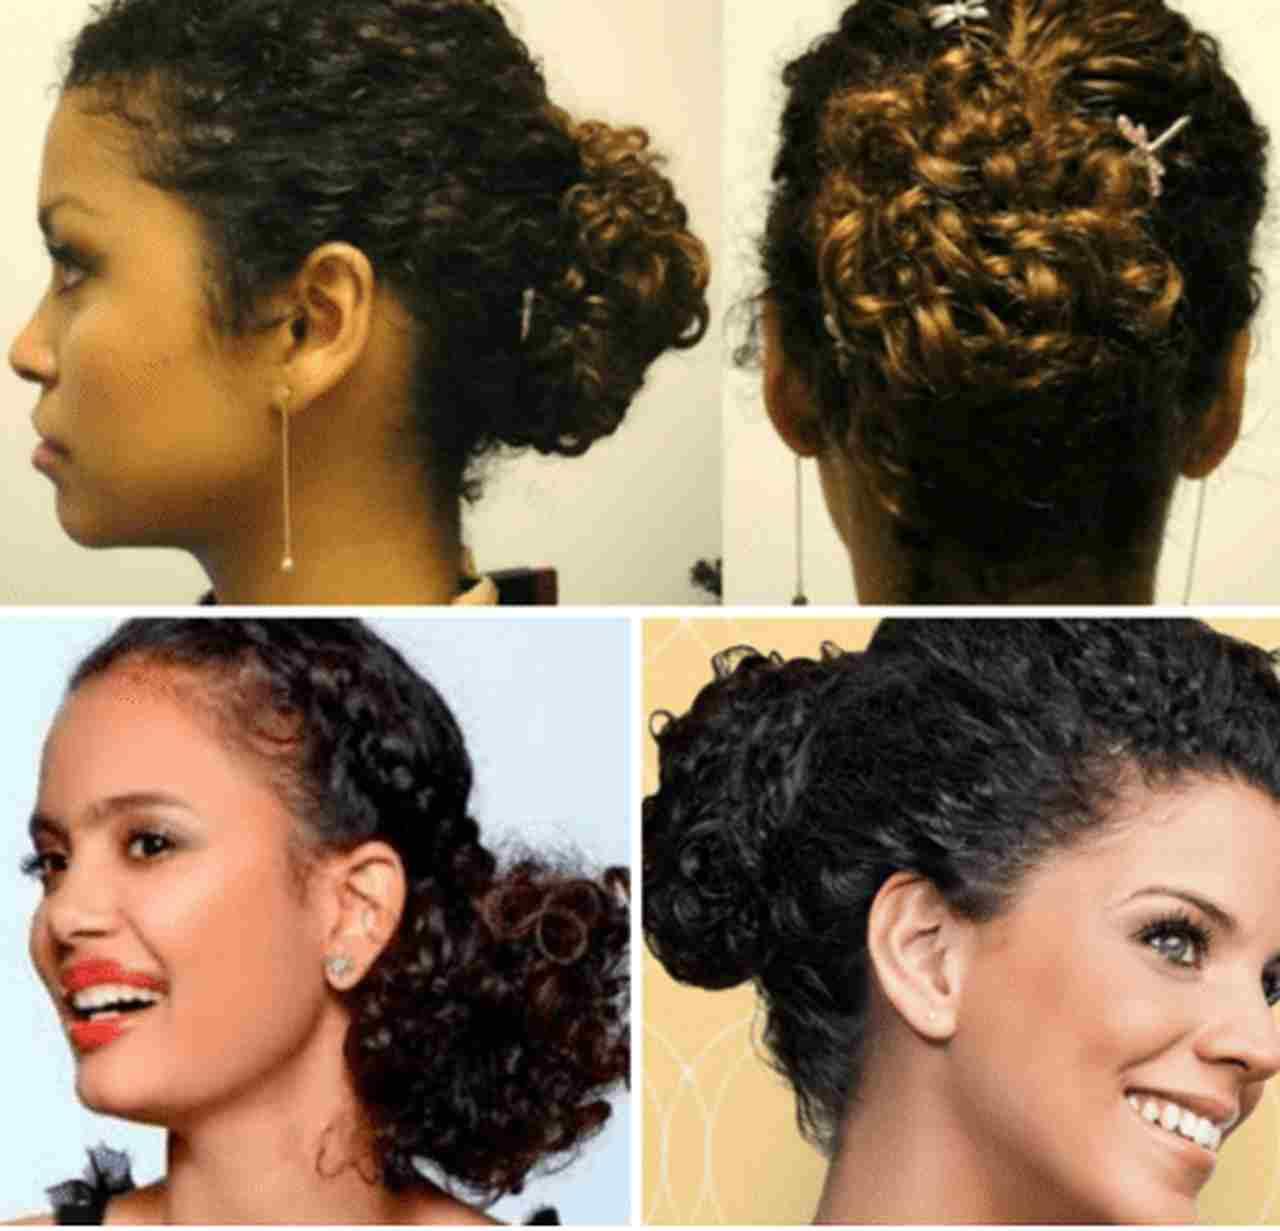 penteados em transição